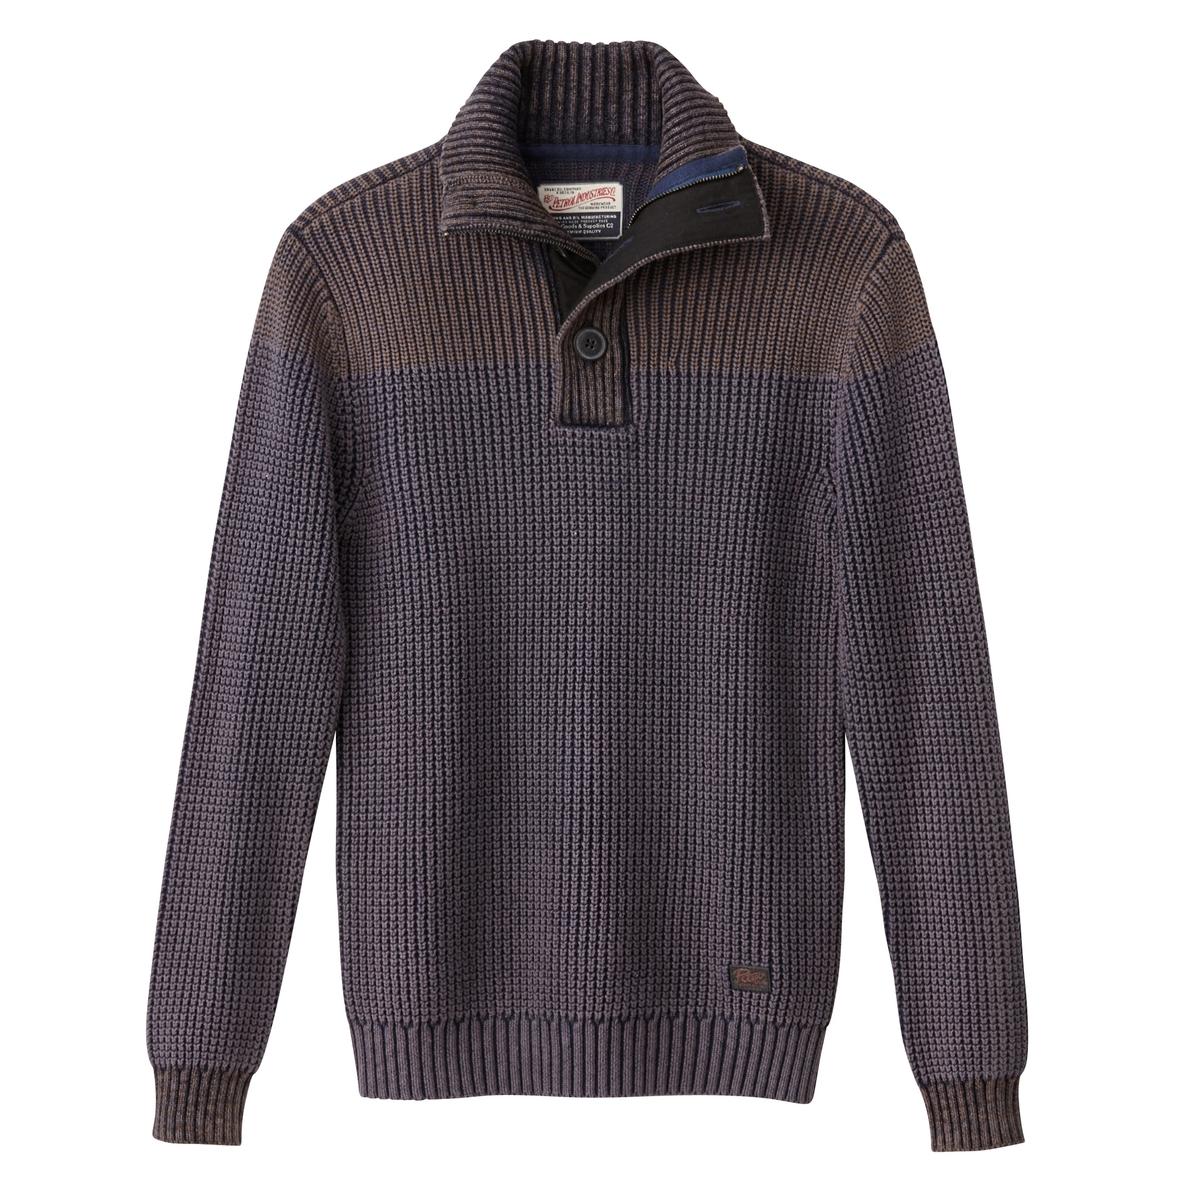 Пуловер крупной вязкиОписание:Детали  •  Длинные рукава  •  Воротник-стойка •  Плотный трикотаж Состав и уход  •  100% хлопок  •  Следуйте советам по уходу, указанным на этикетке<br><br>Цвет: каштановый какао<br>Размер: M.XL